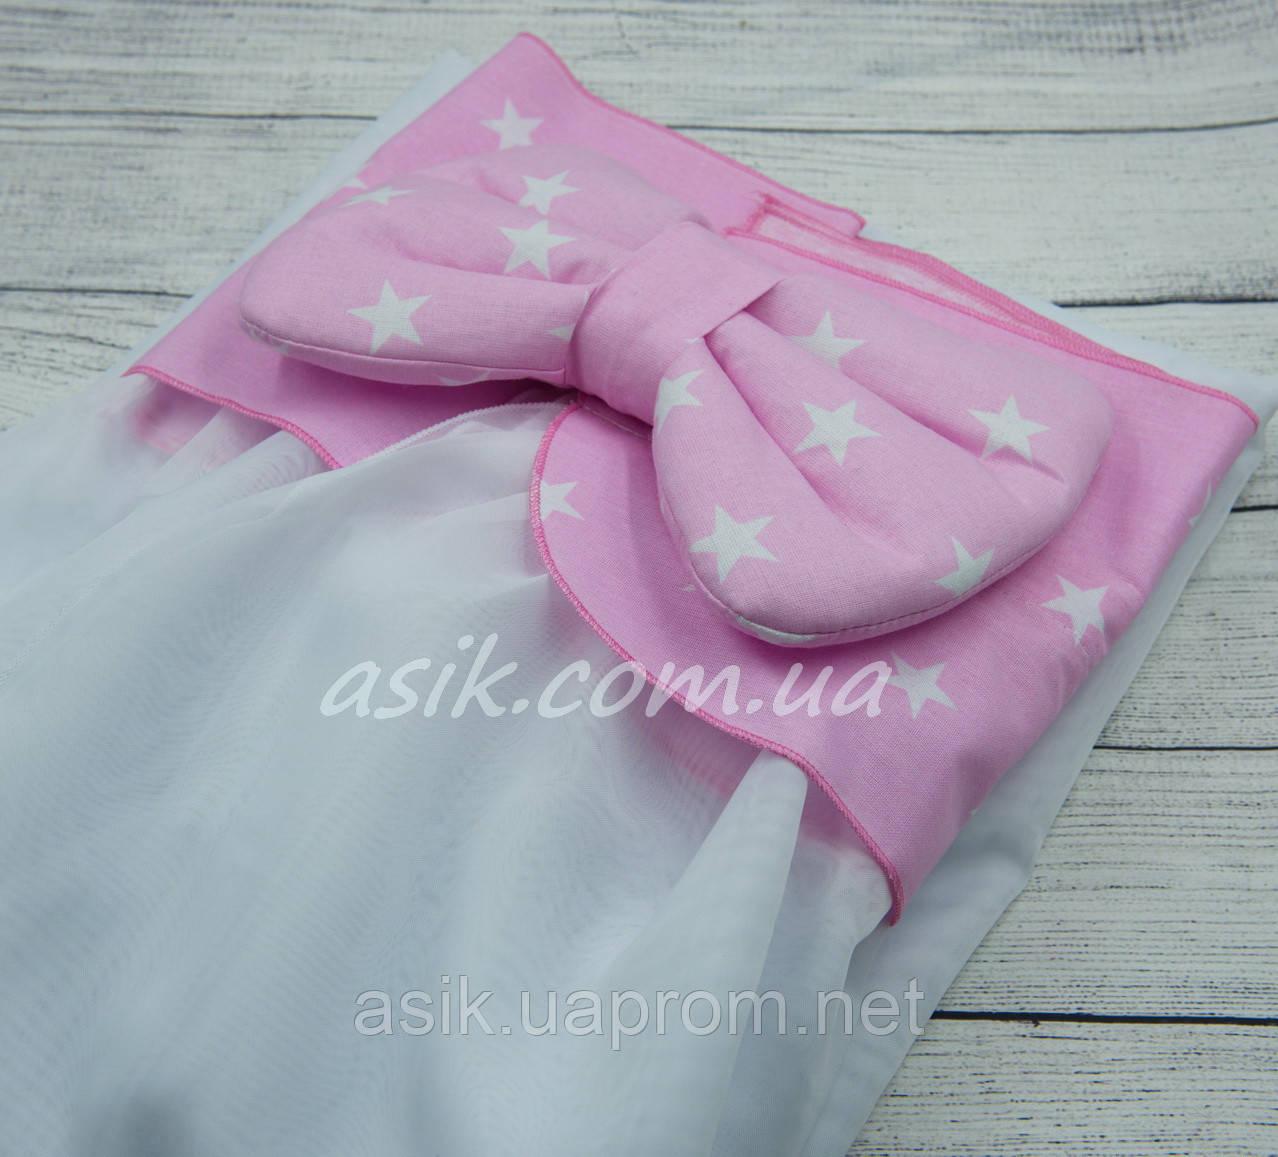 Балдахин в кроватку с оборкой розового цвета в звезды